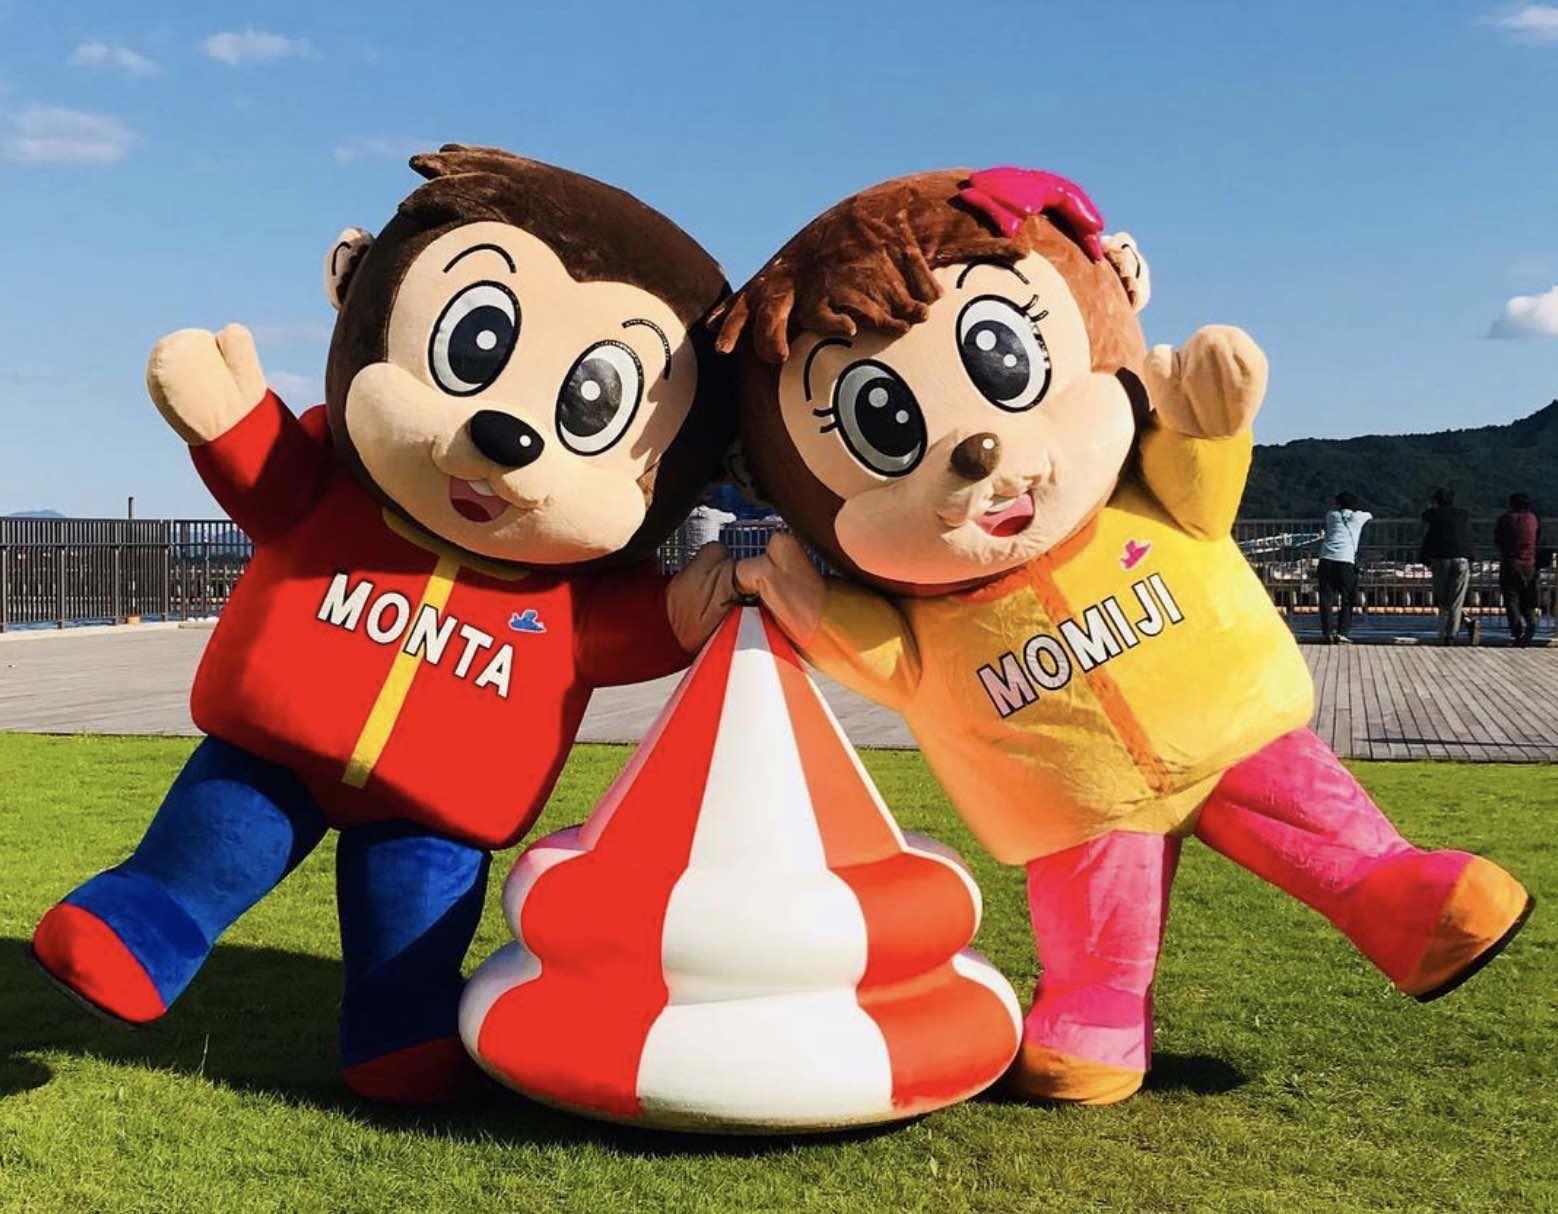 宮島競艇場のマスコットキャラクター、モンタとモミジの画像